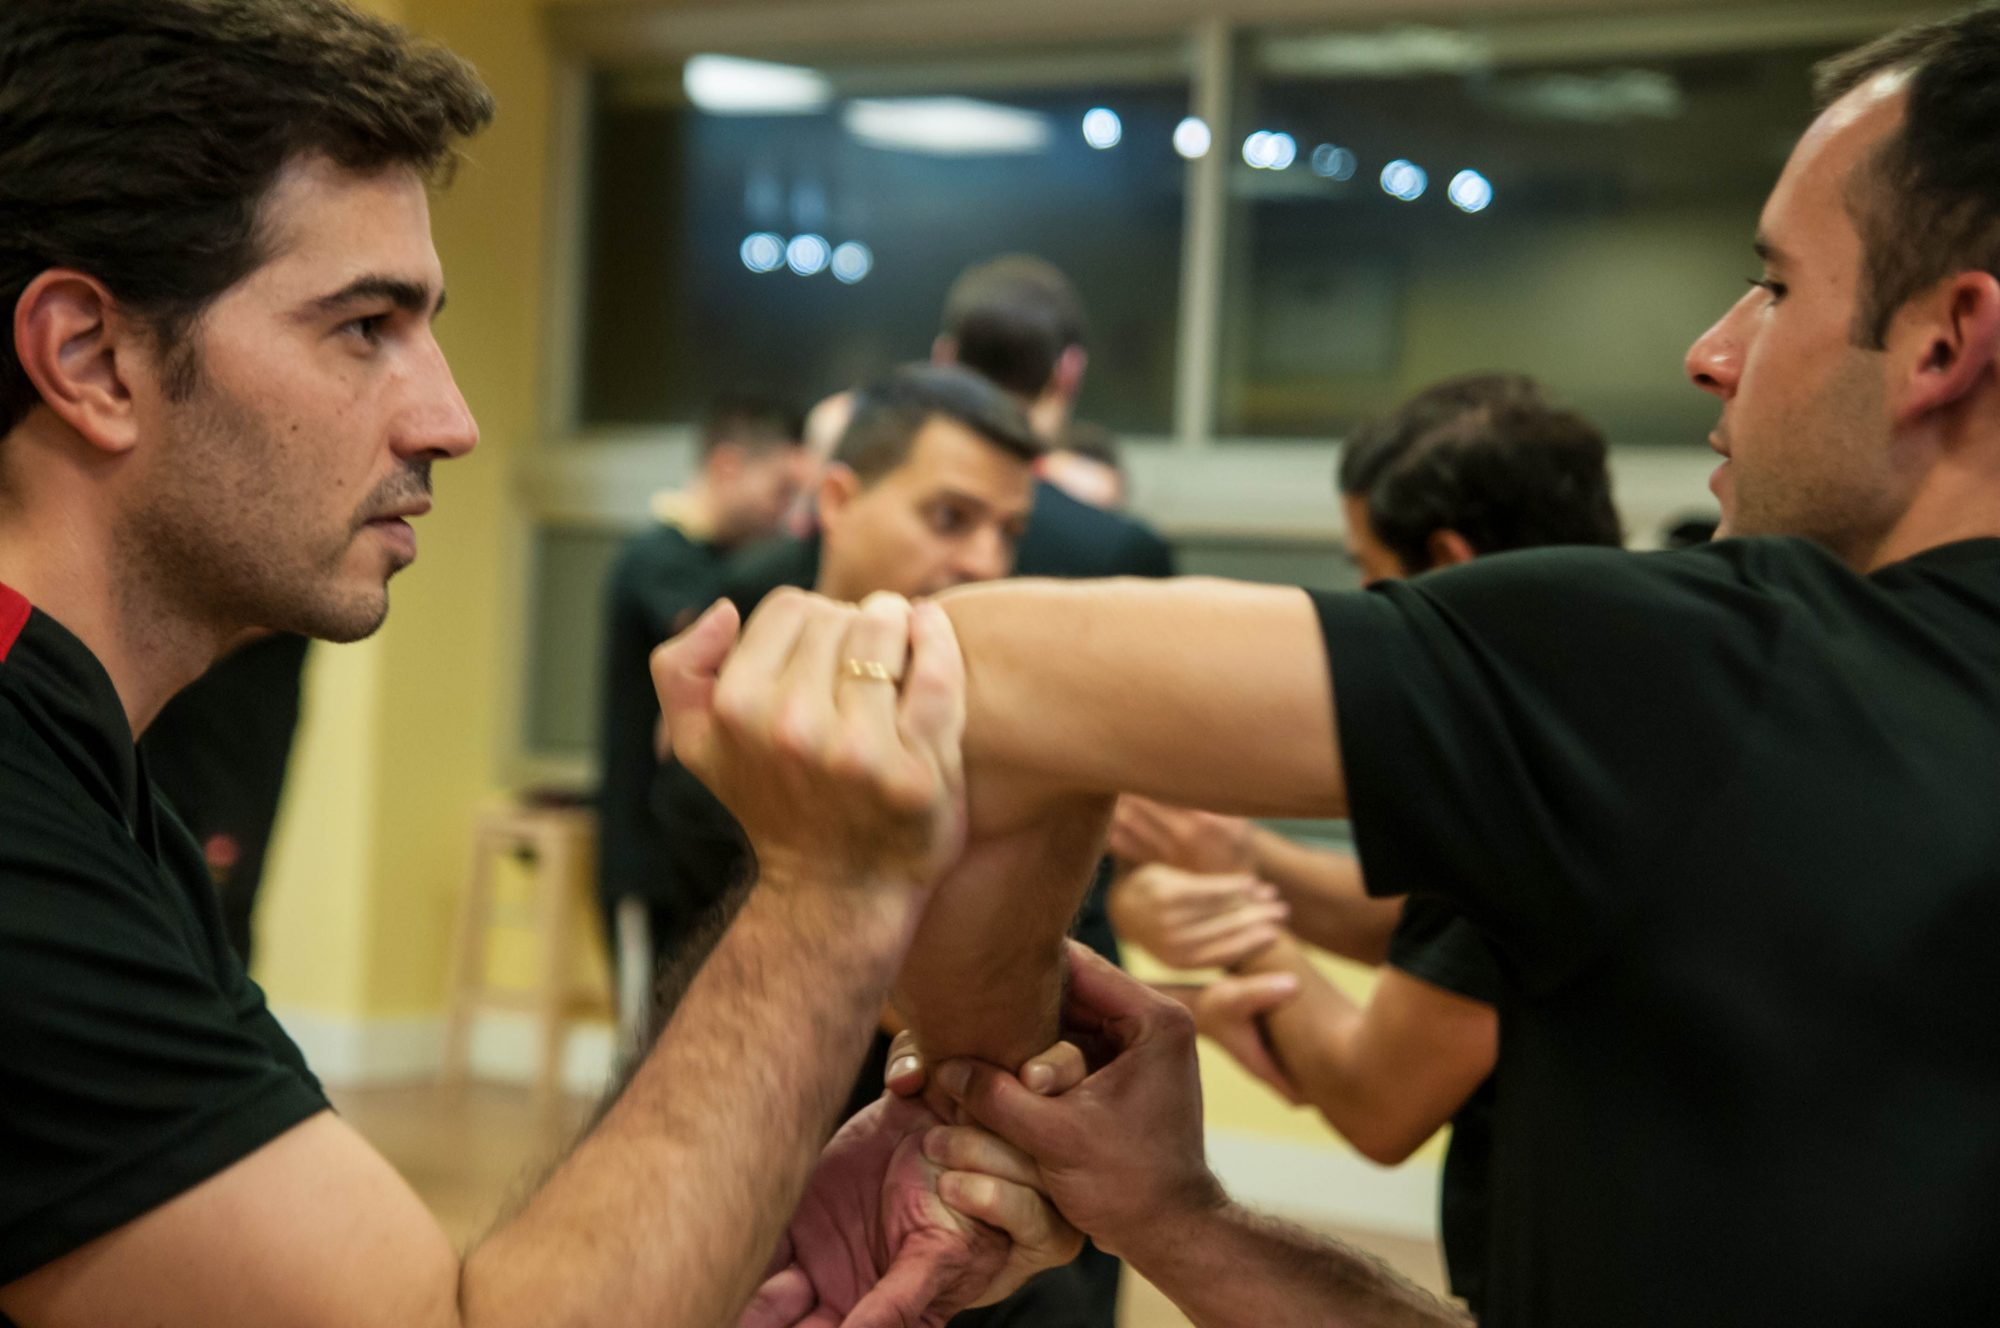 Escuela de Wing Tsun en España: Madrid, Barcelona, Sevilla, Bilbao. Escuela Tradicional de Wing Tsun del Maestro Marcelo Navarro.